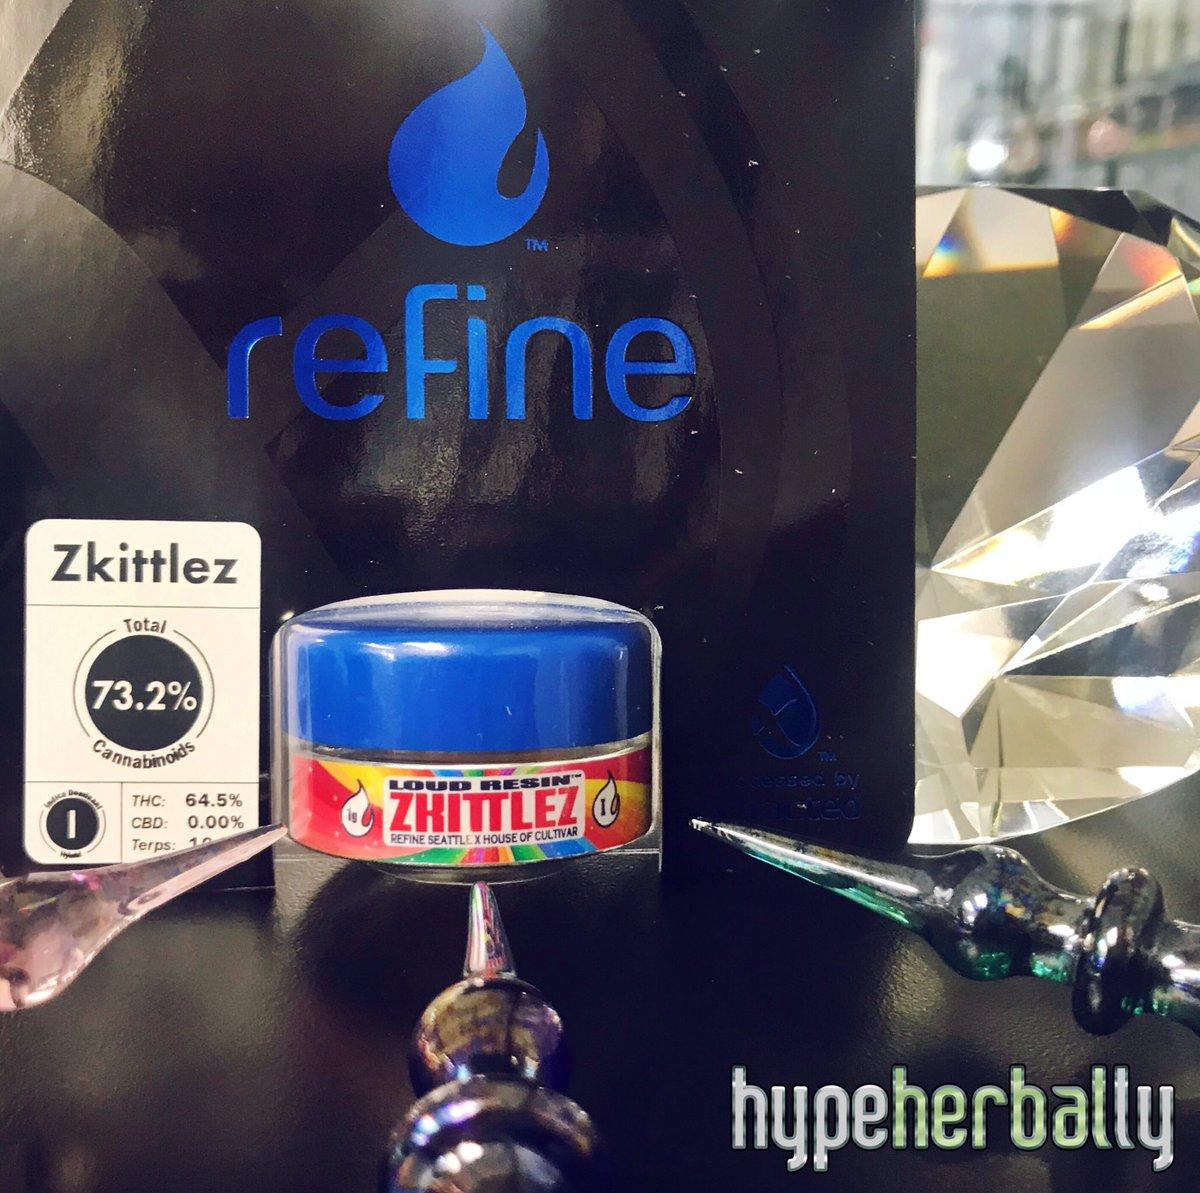 zkittlez hashtag on Twitter